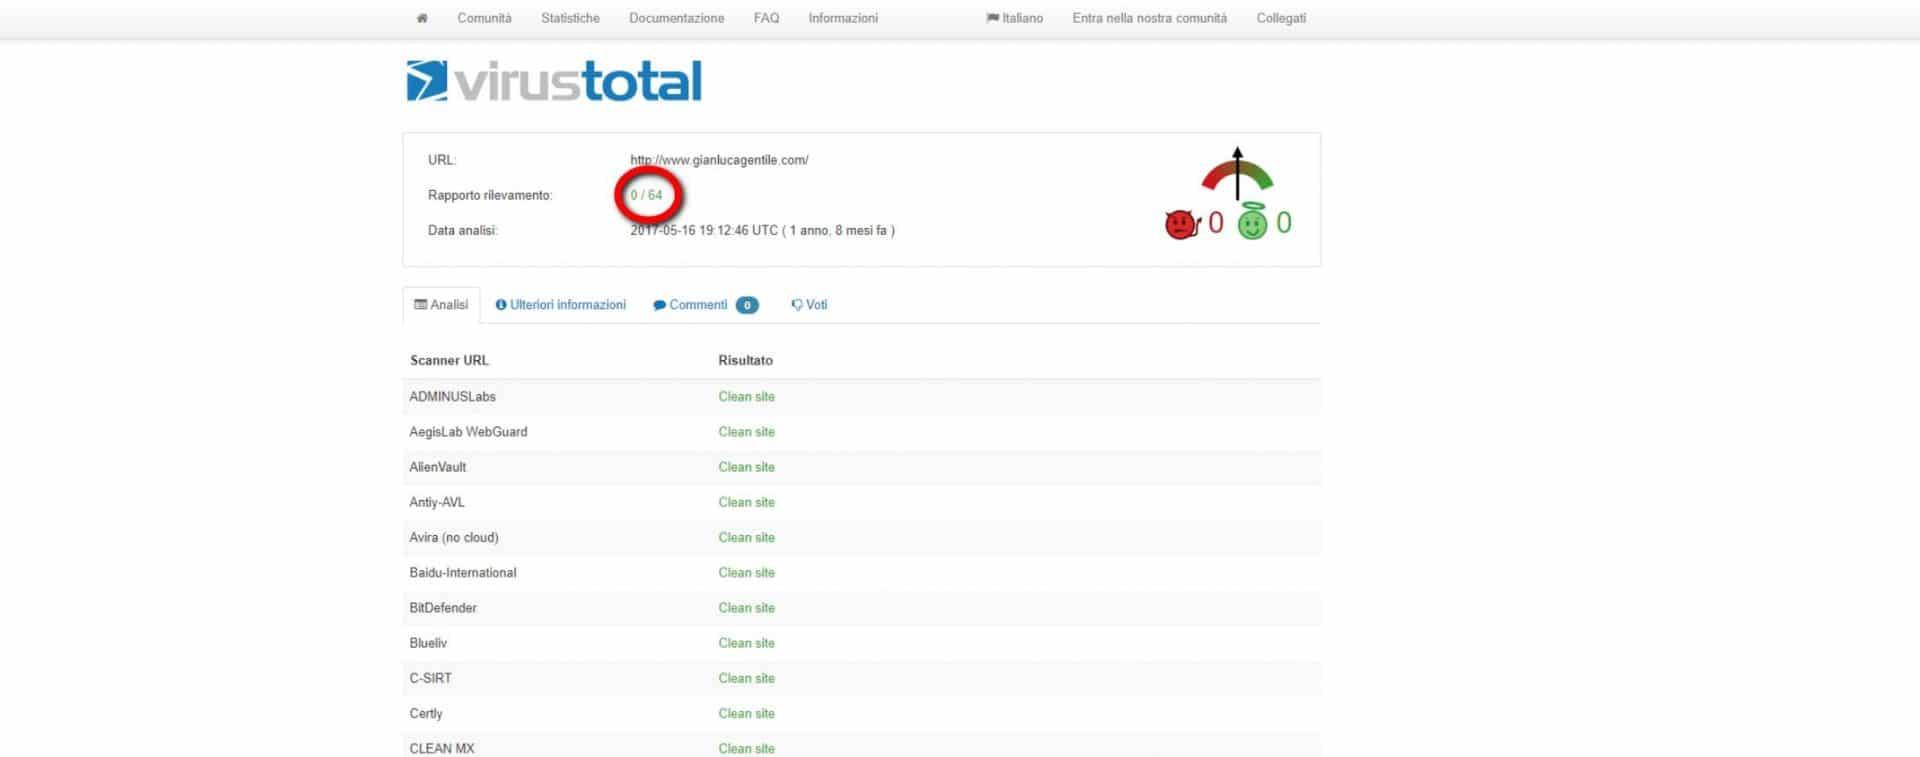 sicurezza sito web - Verificare la sicurezza di un sito web - Sicurezza sito web: come verificare il proprio spazio web